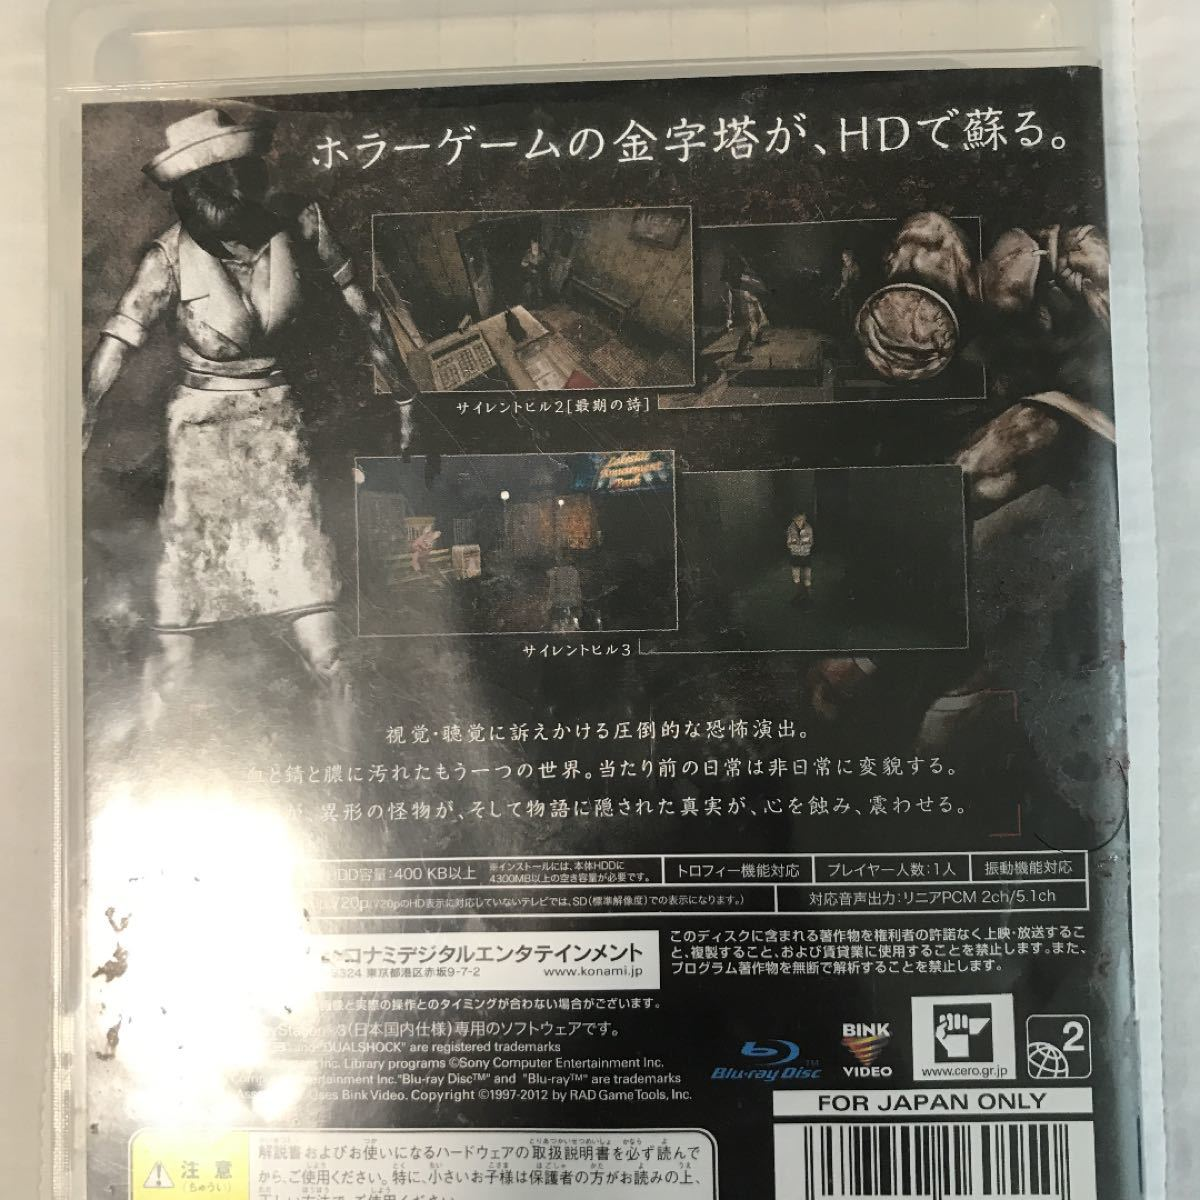 サイレントヒル EDITION PS3